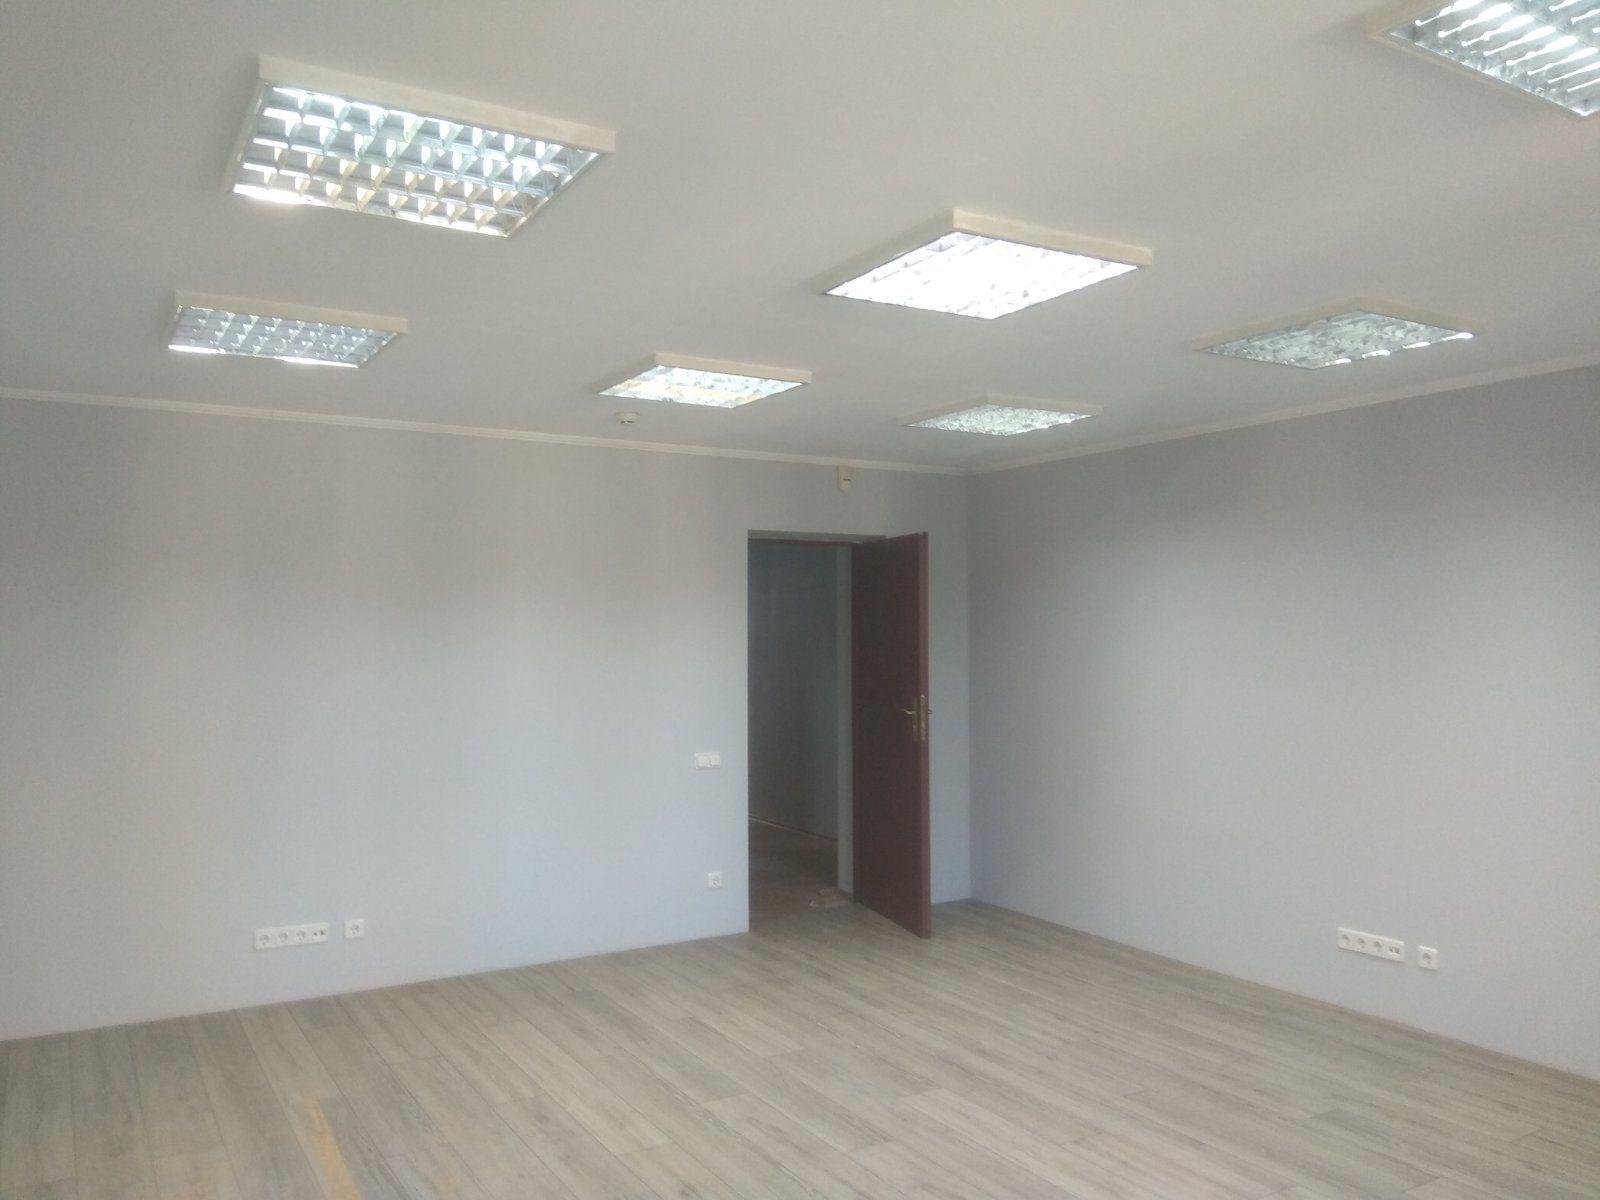 Офис, W-6249536, Верхний Вал, 30а, Киев - Фото 5